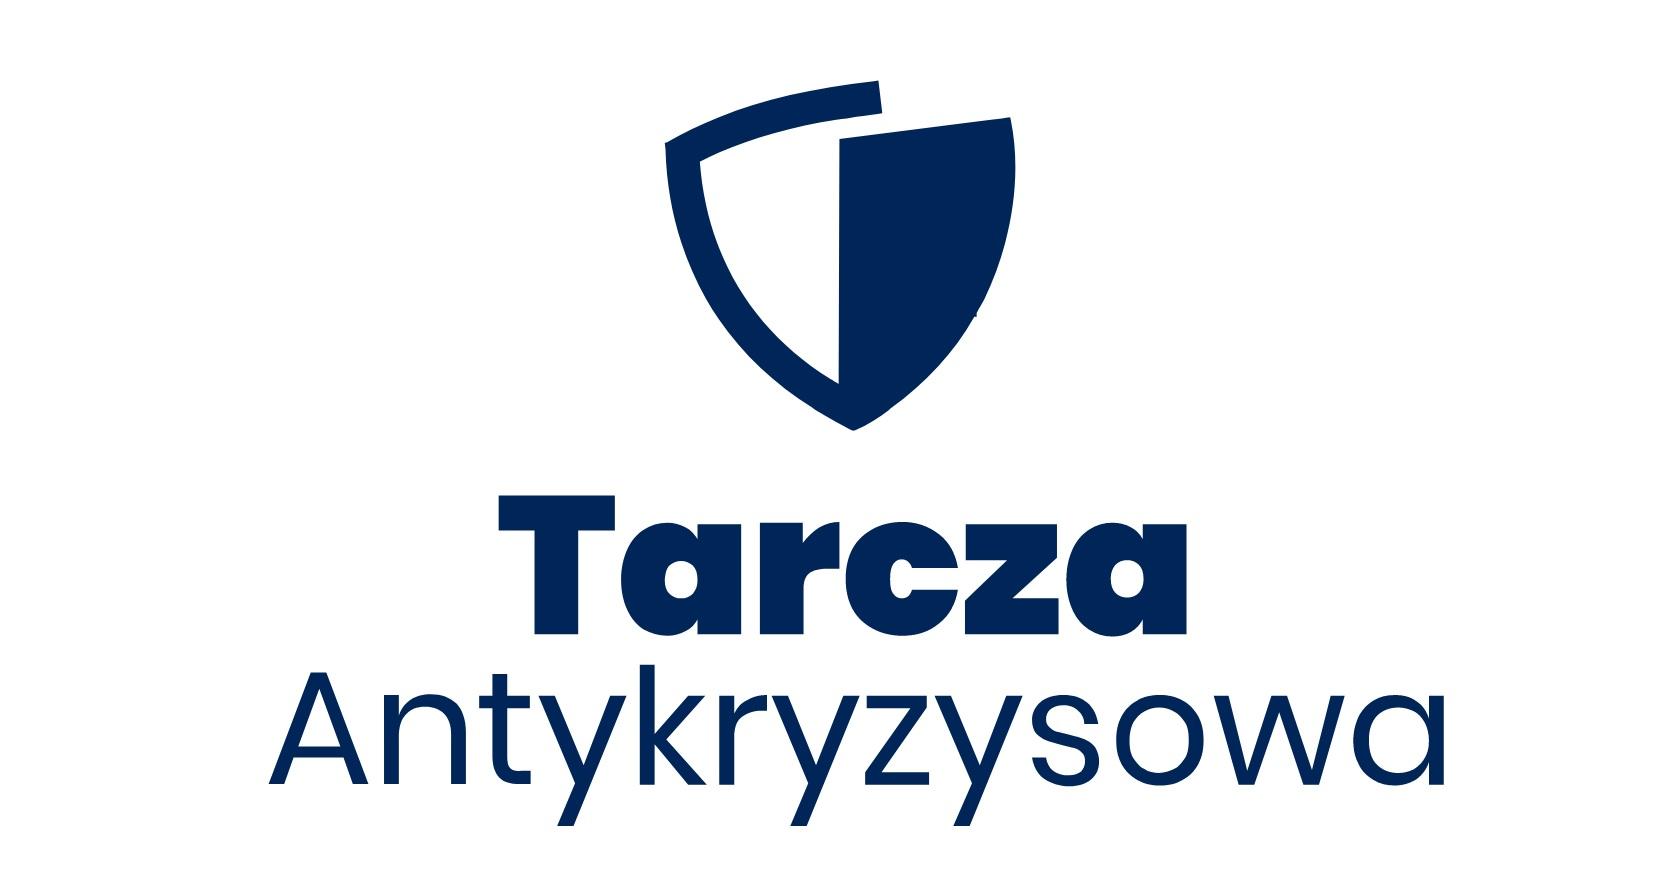 Tarcza antykryzysowa logo